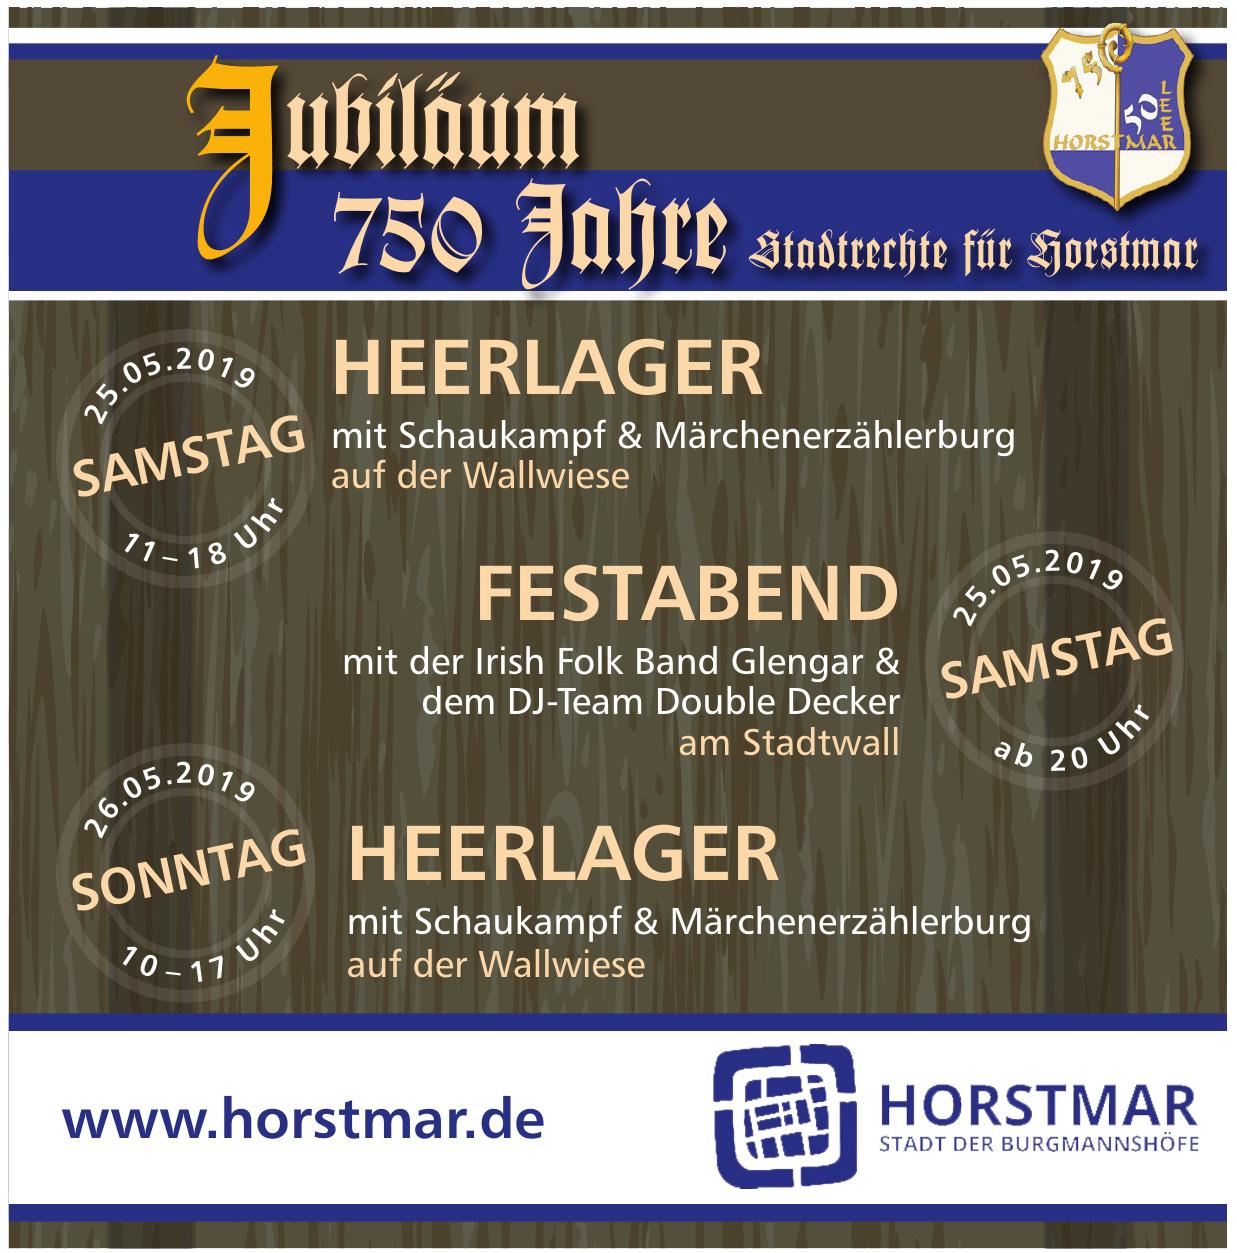 Horstmar Stadt der Burgmannshöfe